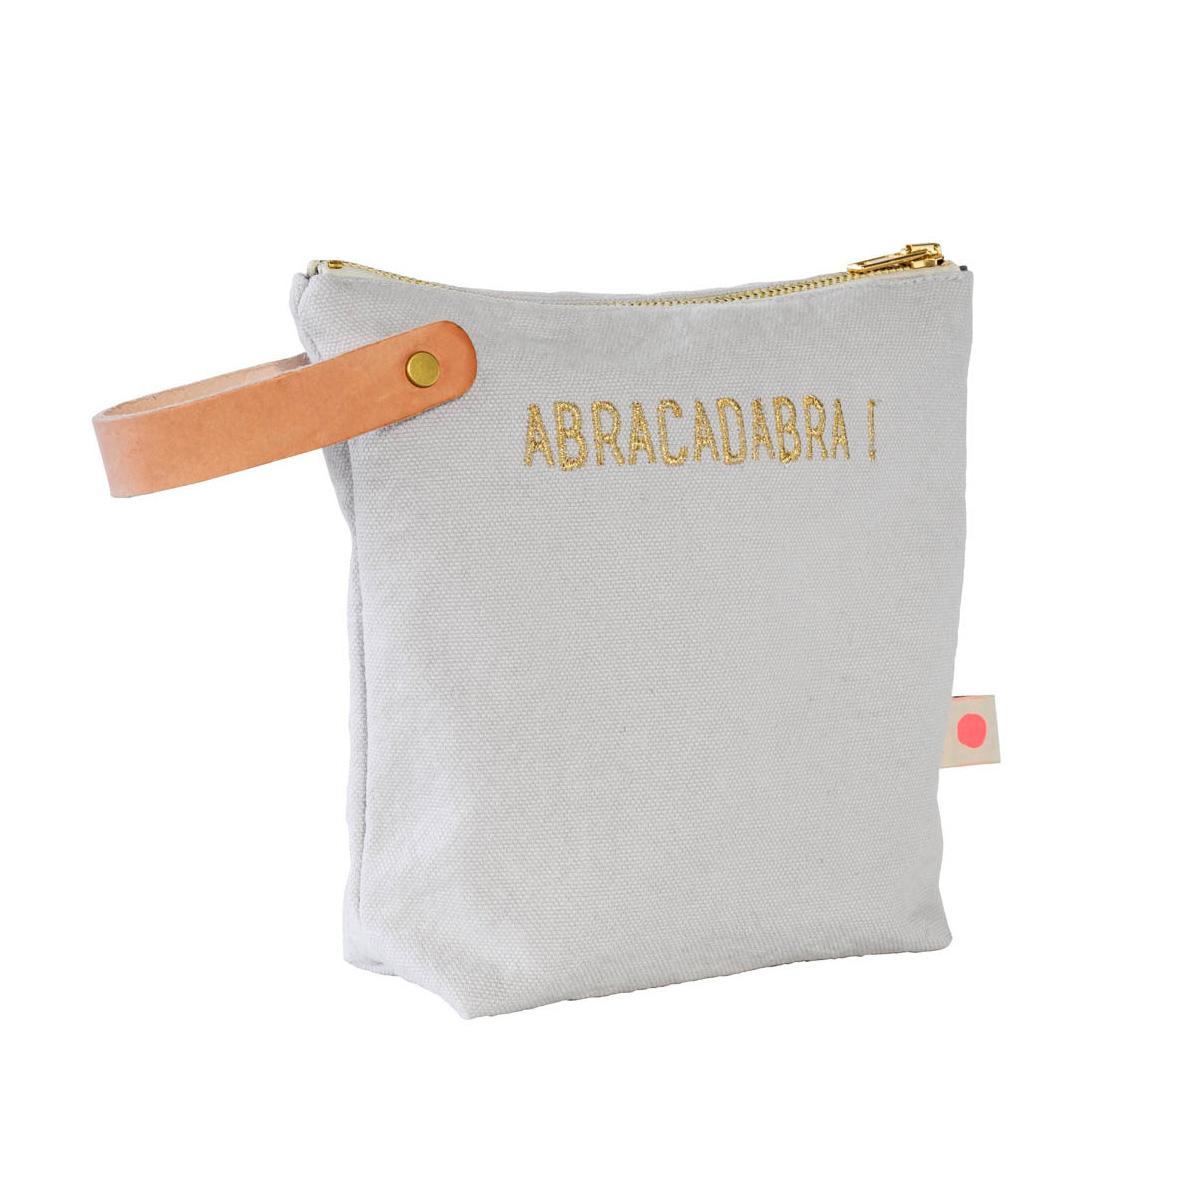 abracadabra-trousse-toilette-la-cerise-sur-le-gateau-soldes-smallable